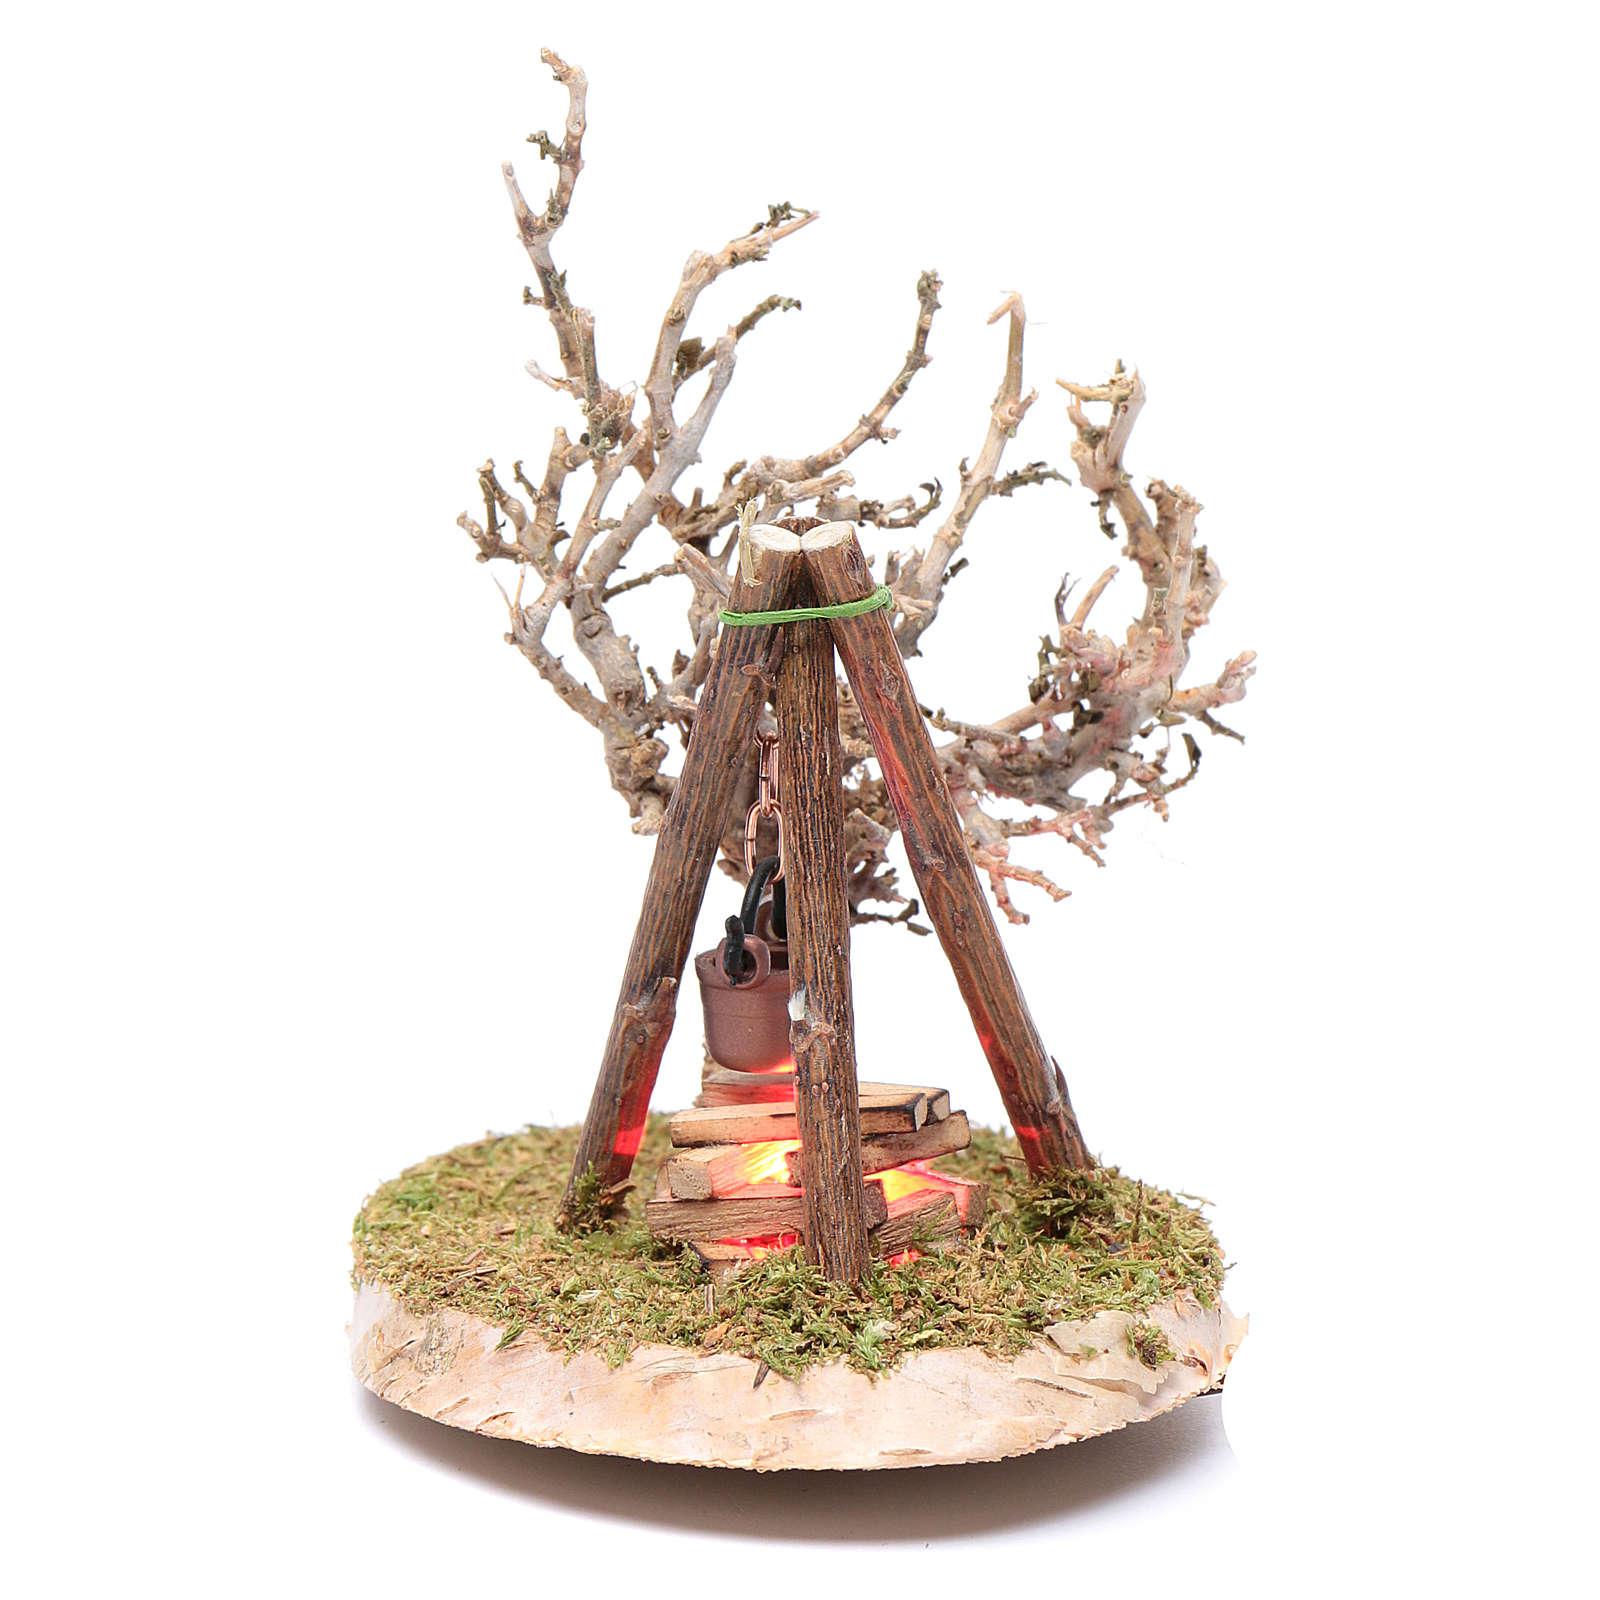 Pot on fire accessory for nativity scene 4